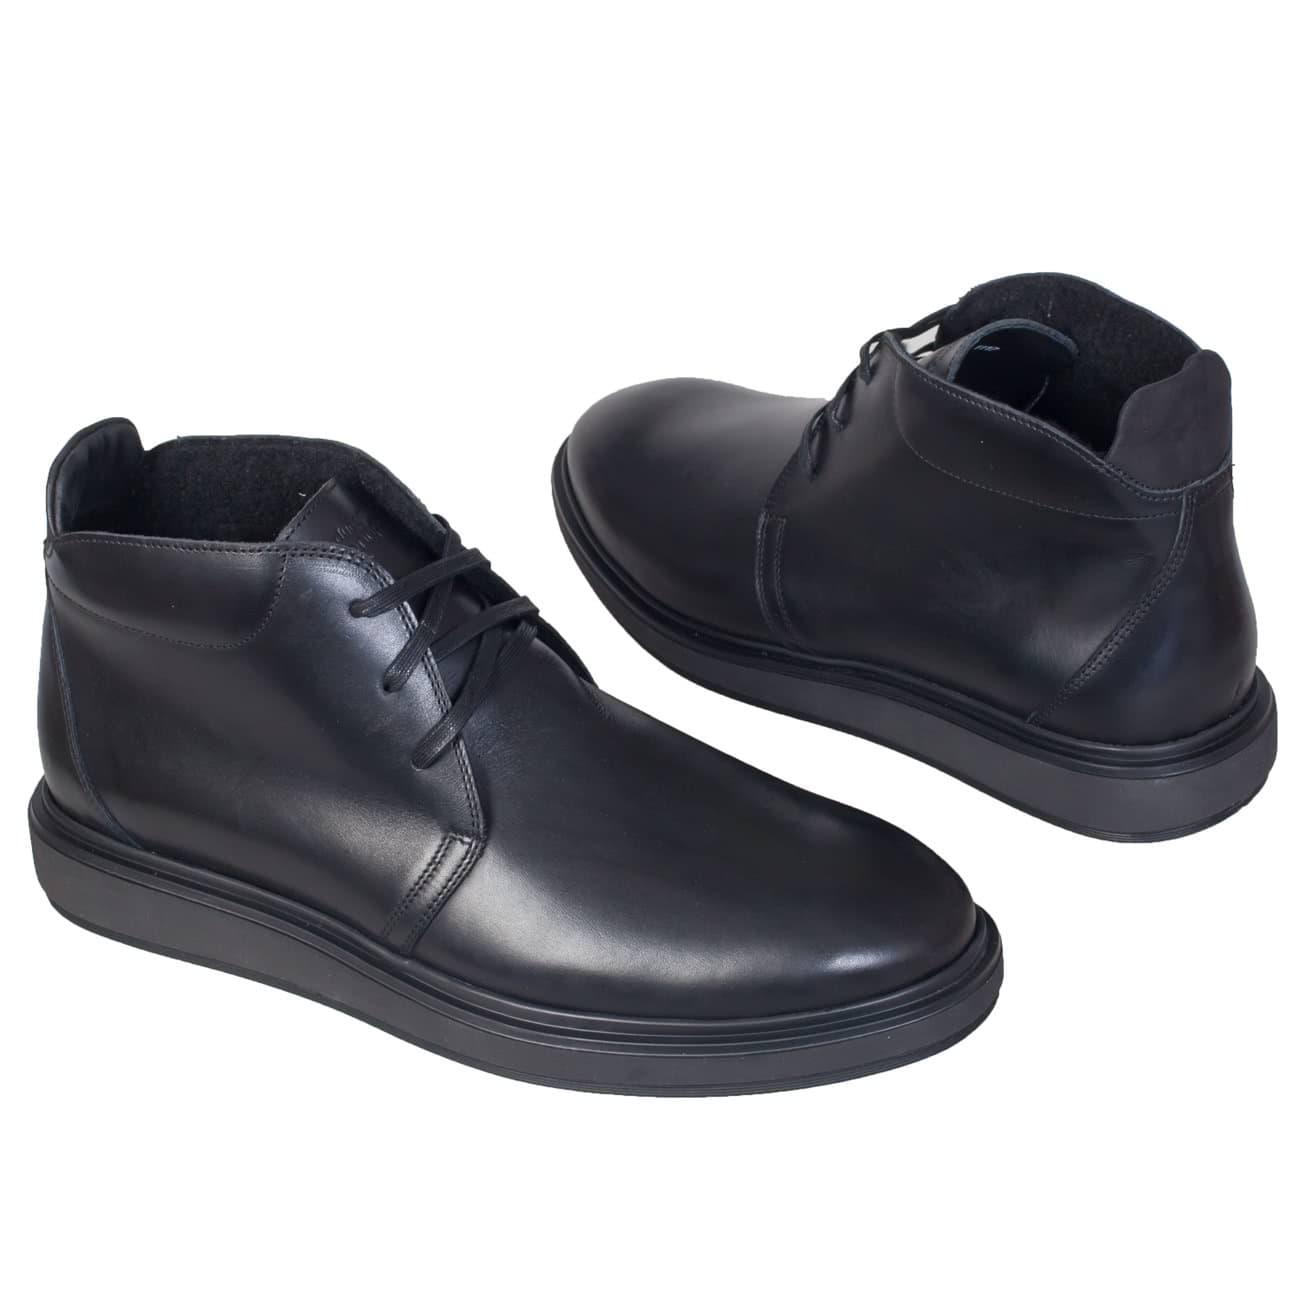 осенне весенние мужские ботинки фотографии того, полчкам